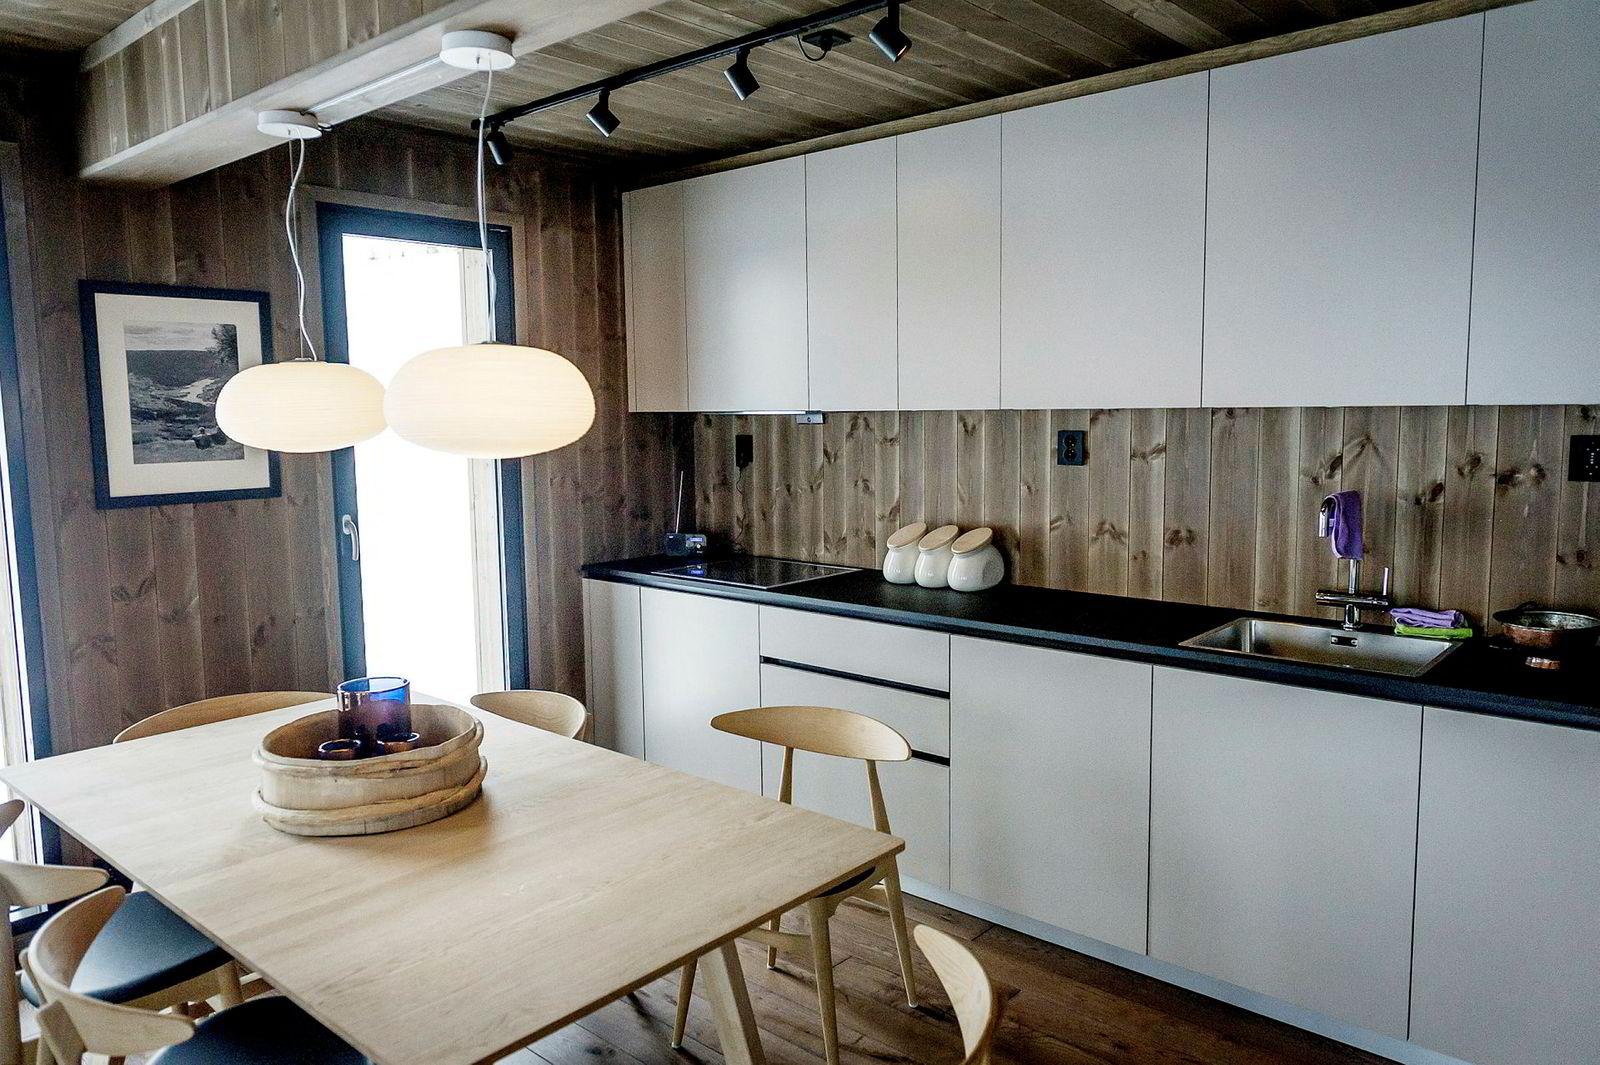 Moderne kjøkken med eikebord lokker Leve Hytter med når de viser frem produktet på Hafjell.